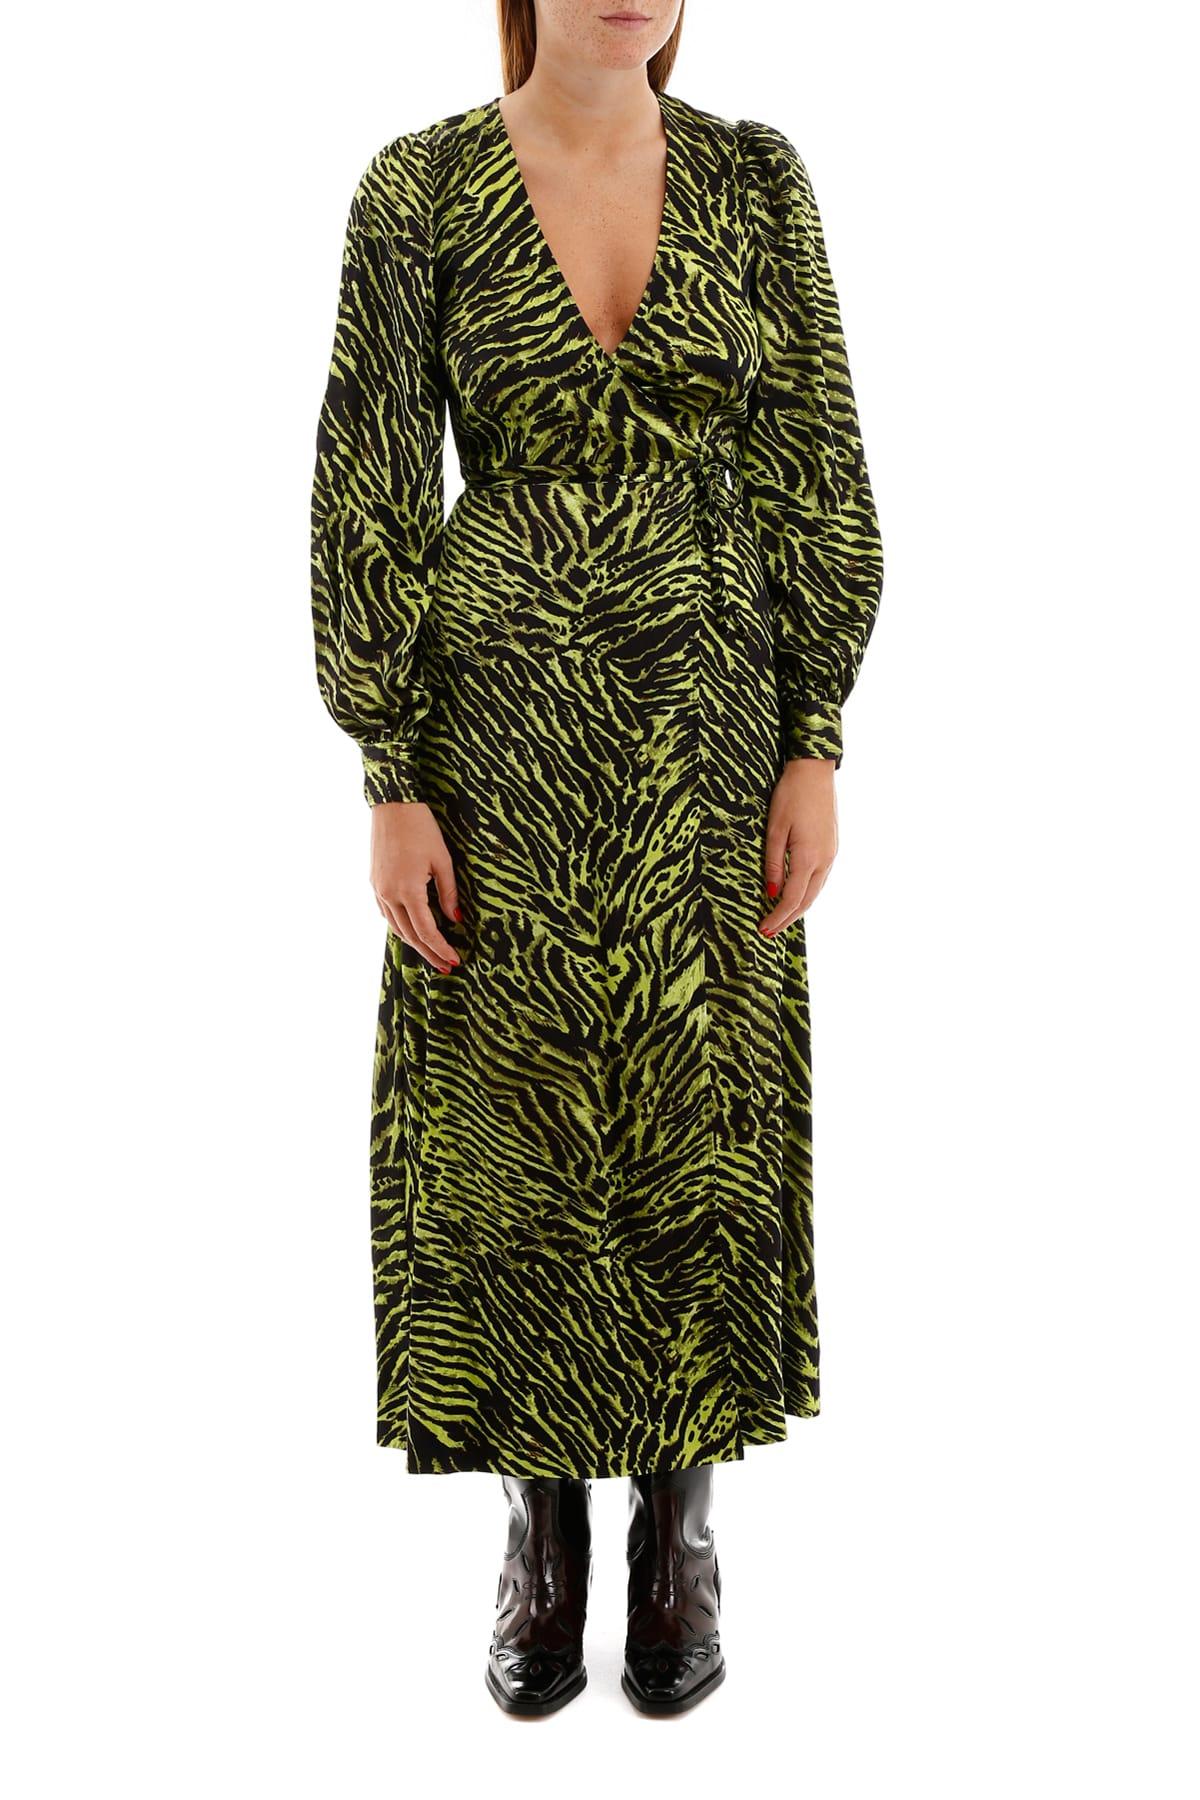 Ganni Dresses Italist Always Like A Sale